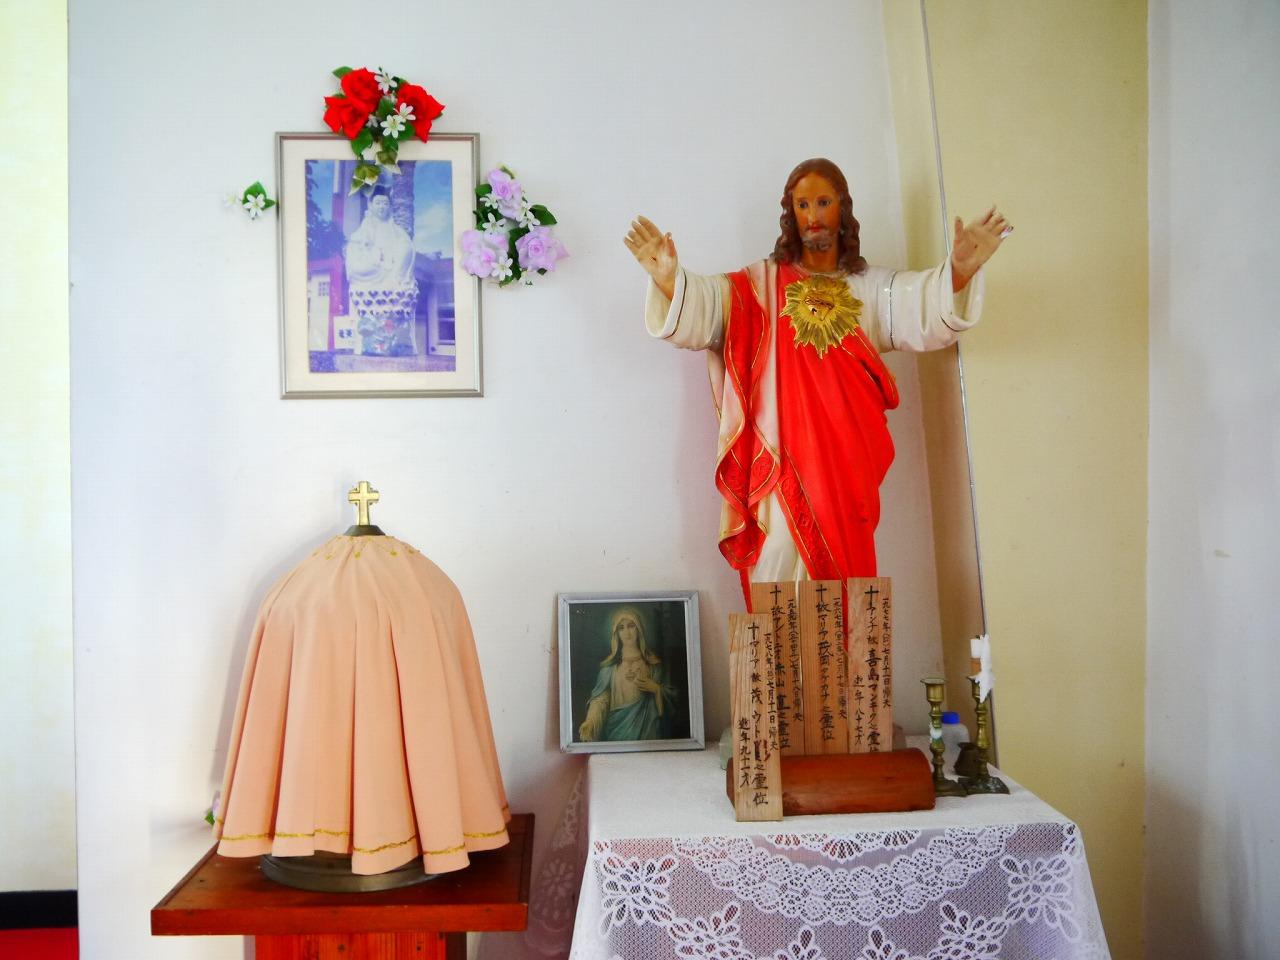 加計呂麻島にある西阿室教会のマリア観音像